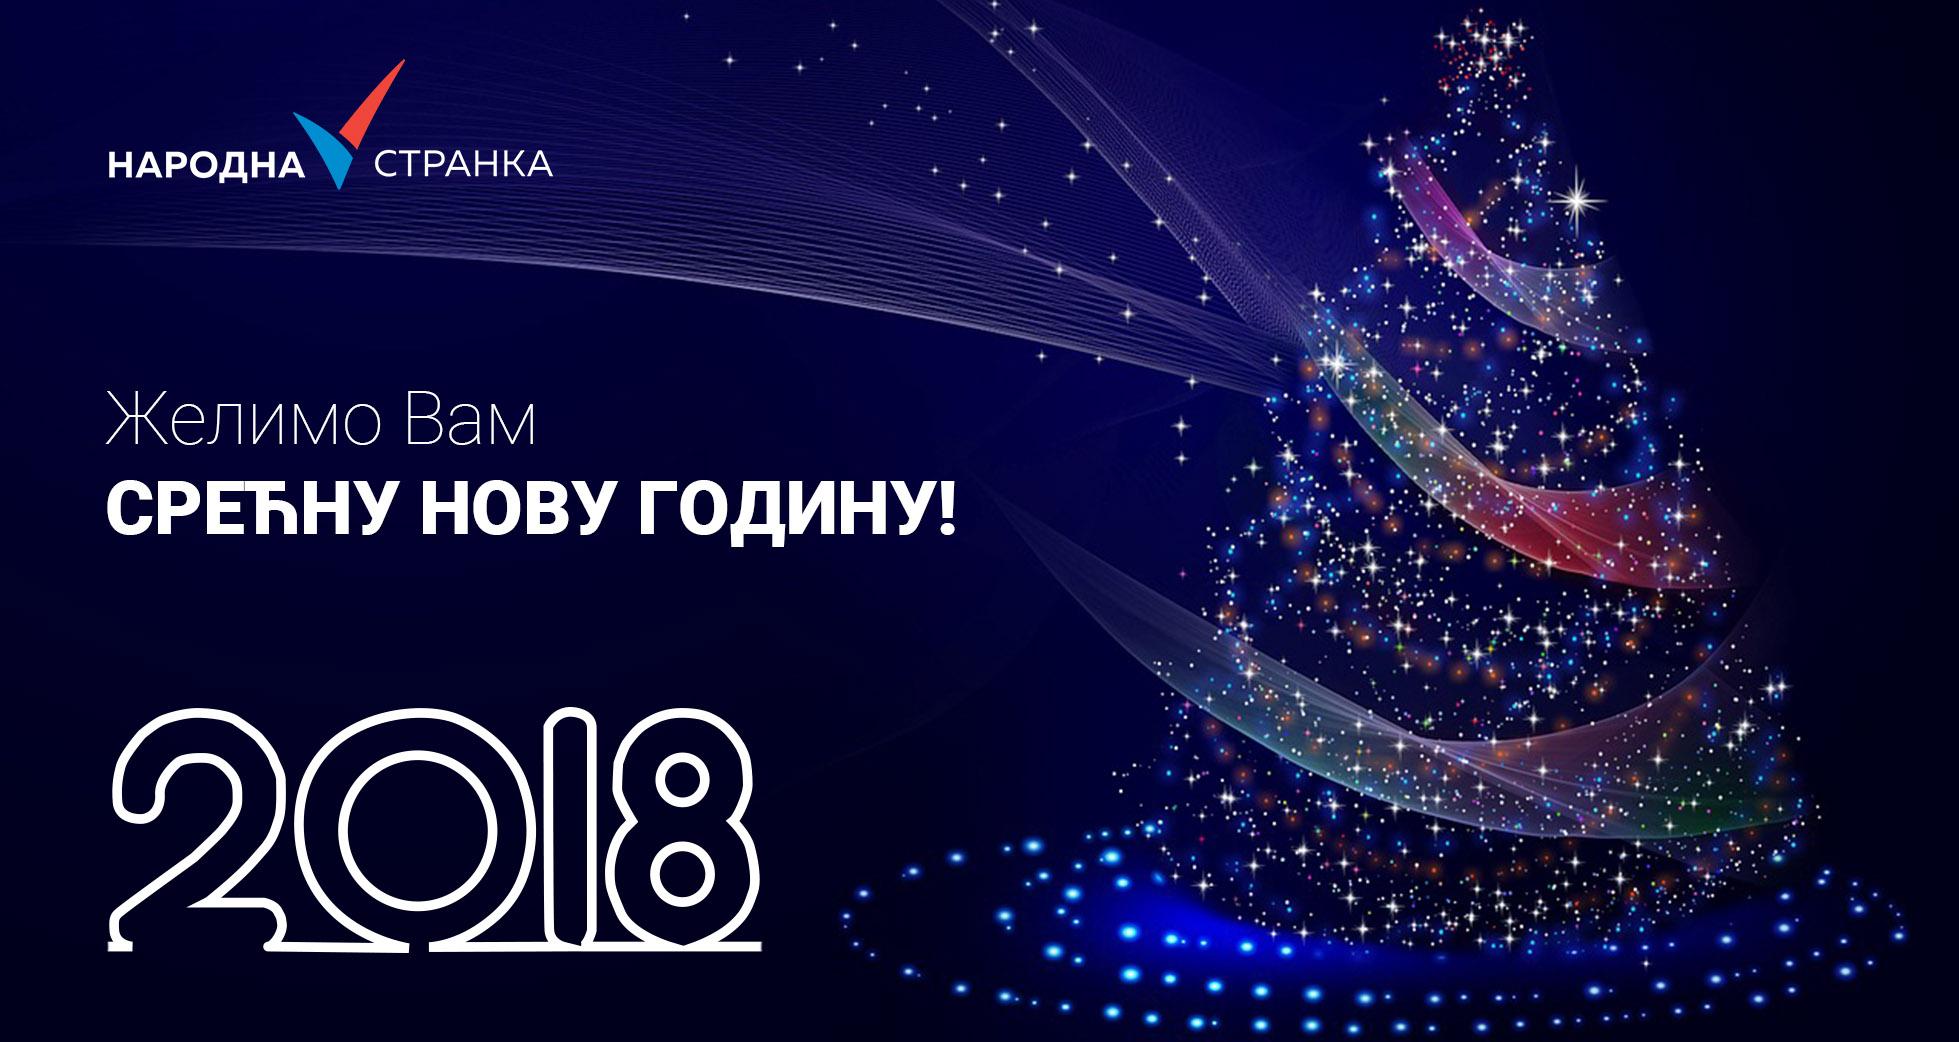 Желимо Вам срећну Нову годину!